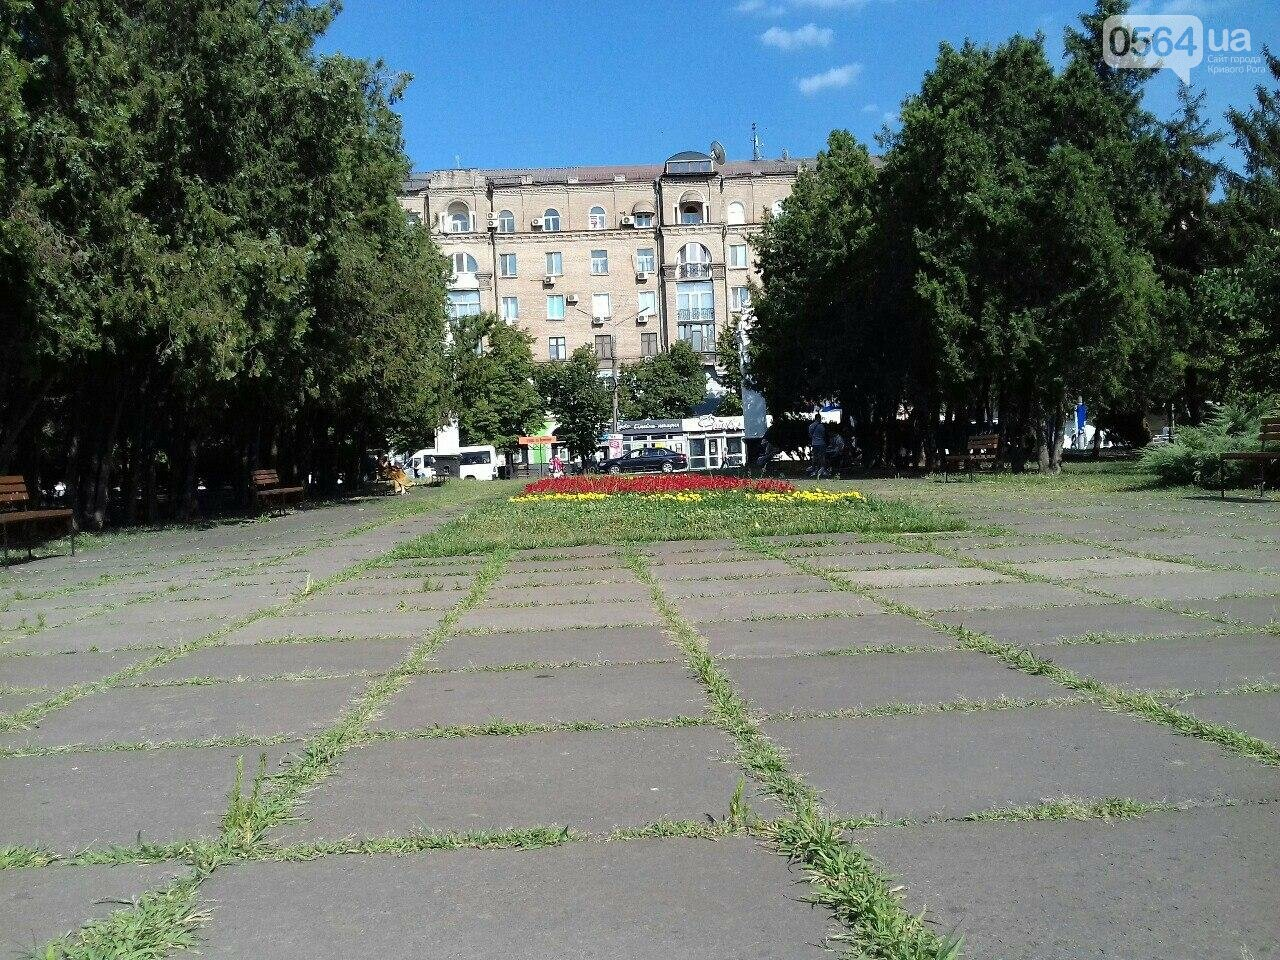 В сквере на центральной площади Кривого Рога воцарилась разруха, - ФОТО, фото-5